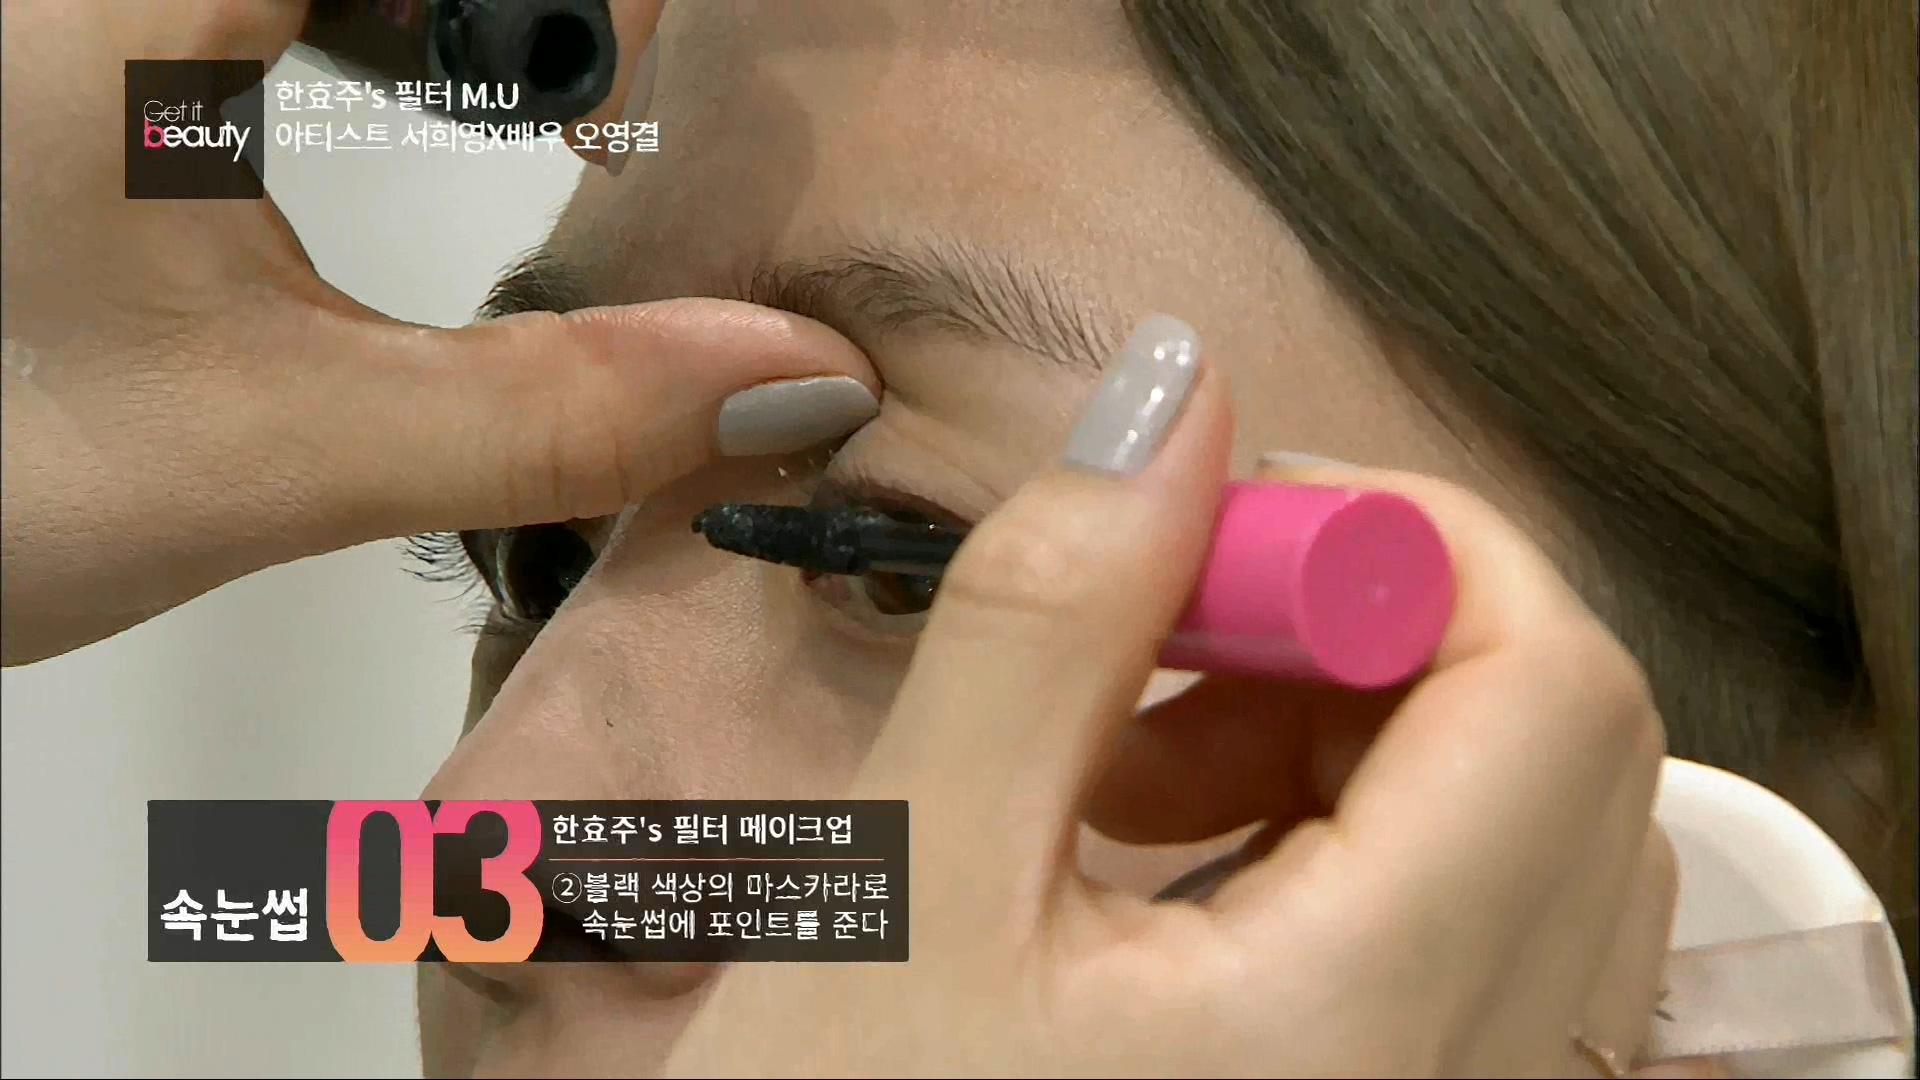 한효주's 필터 메이크업 #속눈썹 블랙 색상의 마스카라로 속눈썹에 포인트를 준다